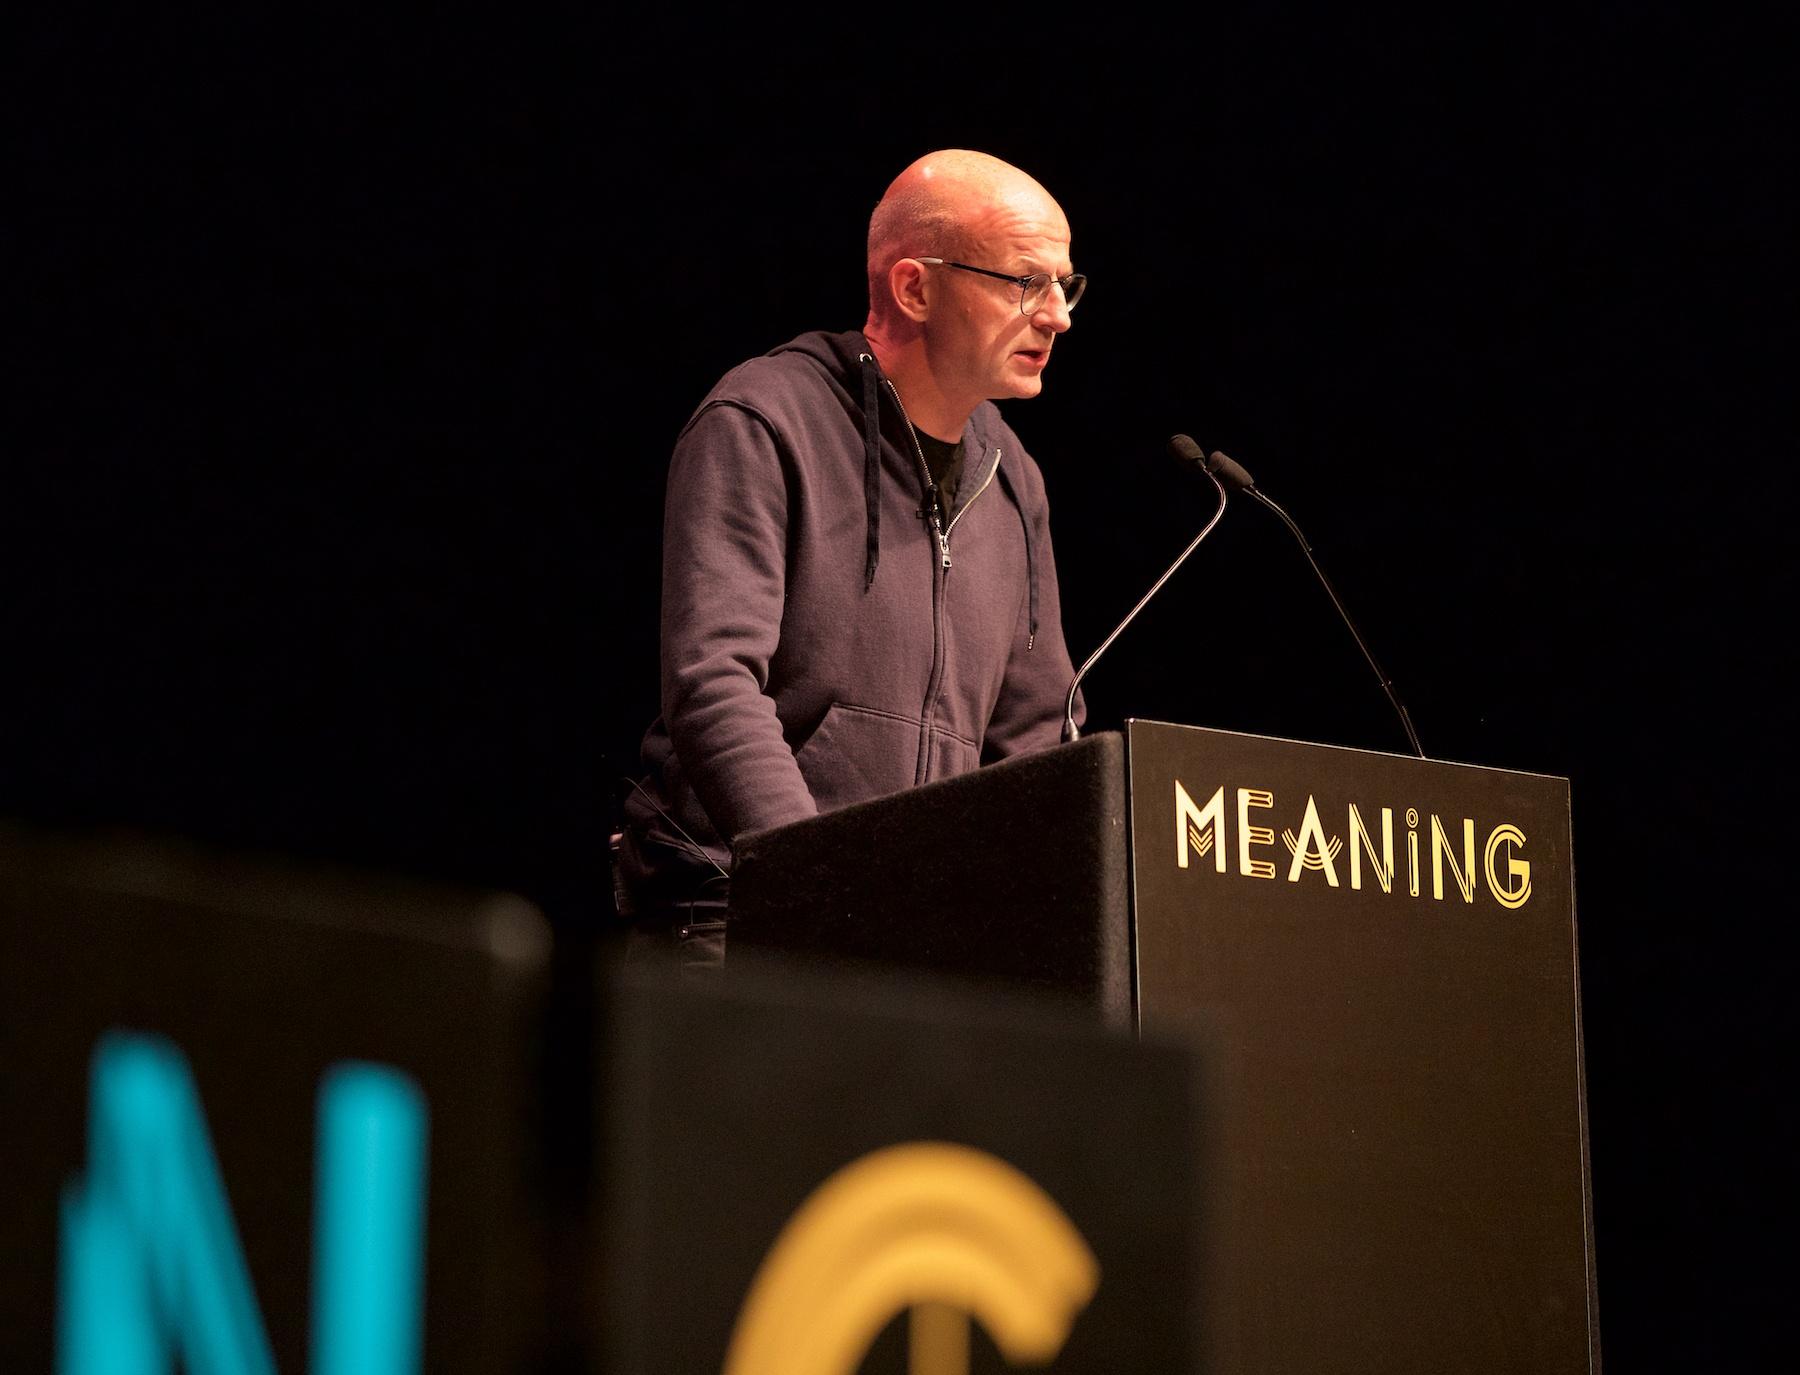 Dan McQuillan at Meaning 2018